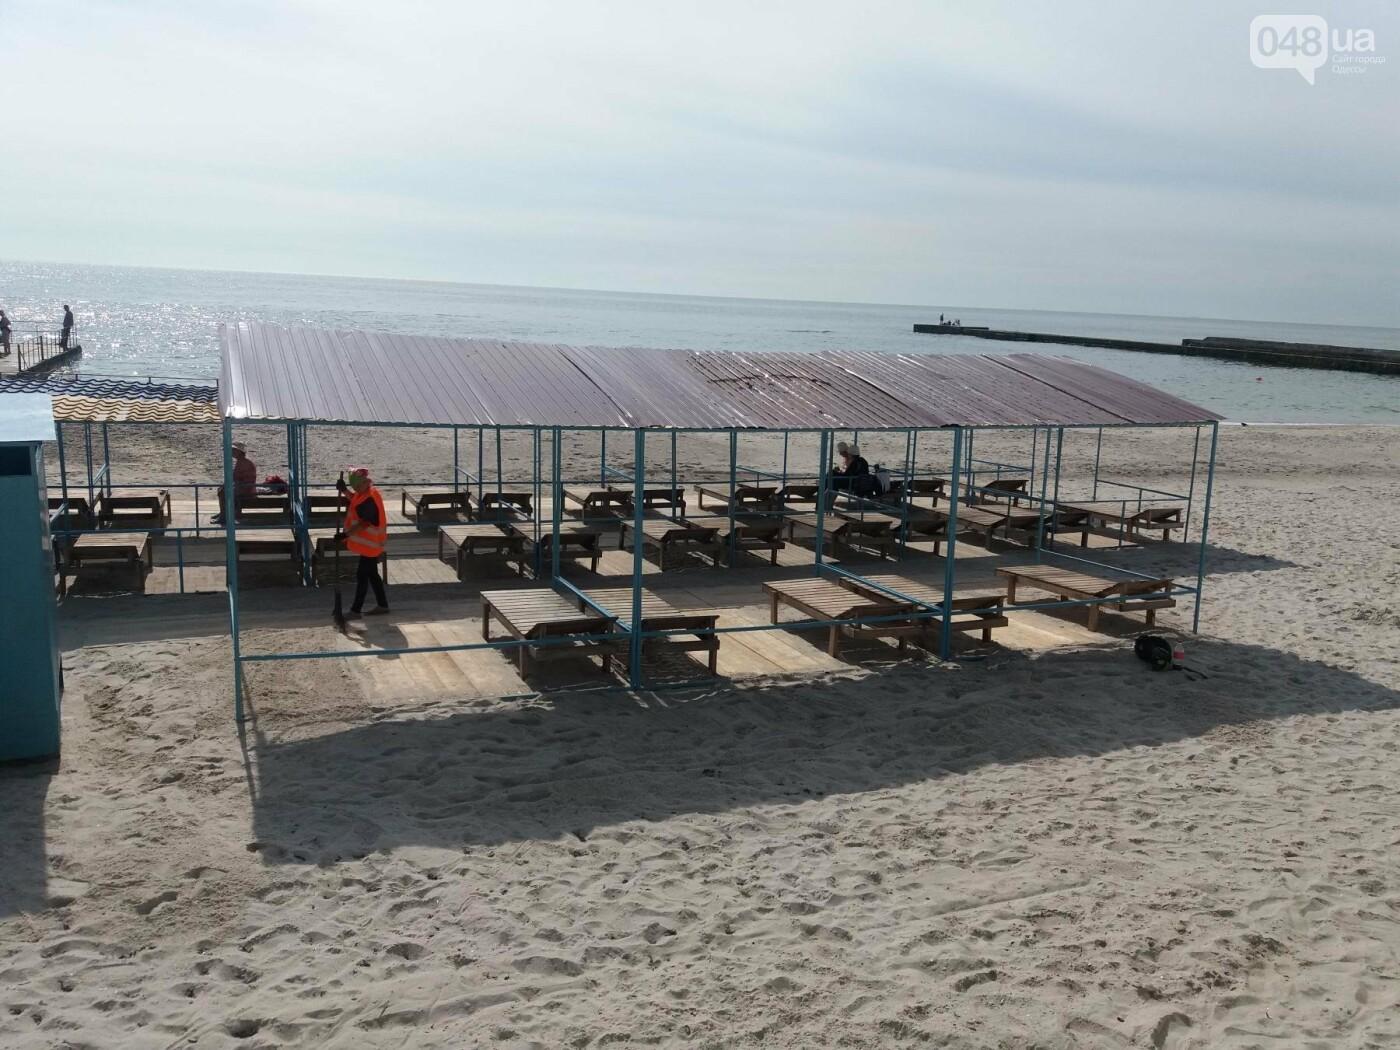 Потрясающий цинизм: как одесские чиновники благоустроили пляж для людей с инвалидностью, - ФОТО , фото-8